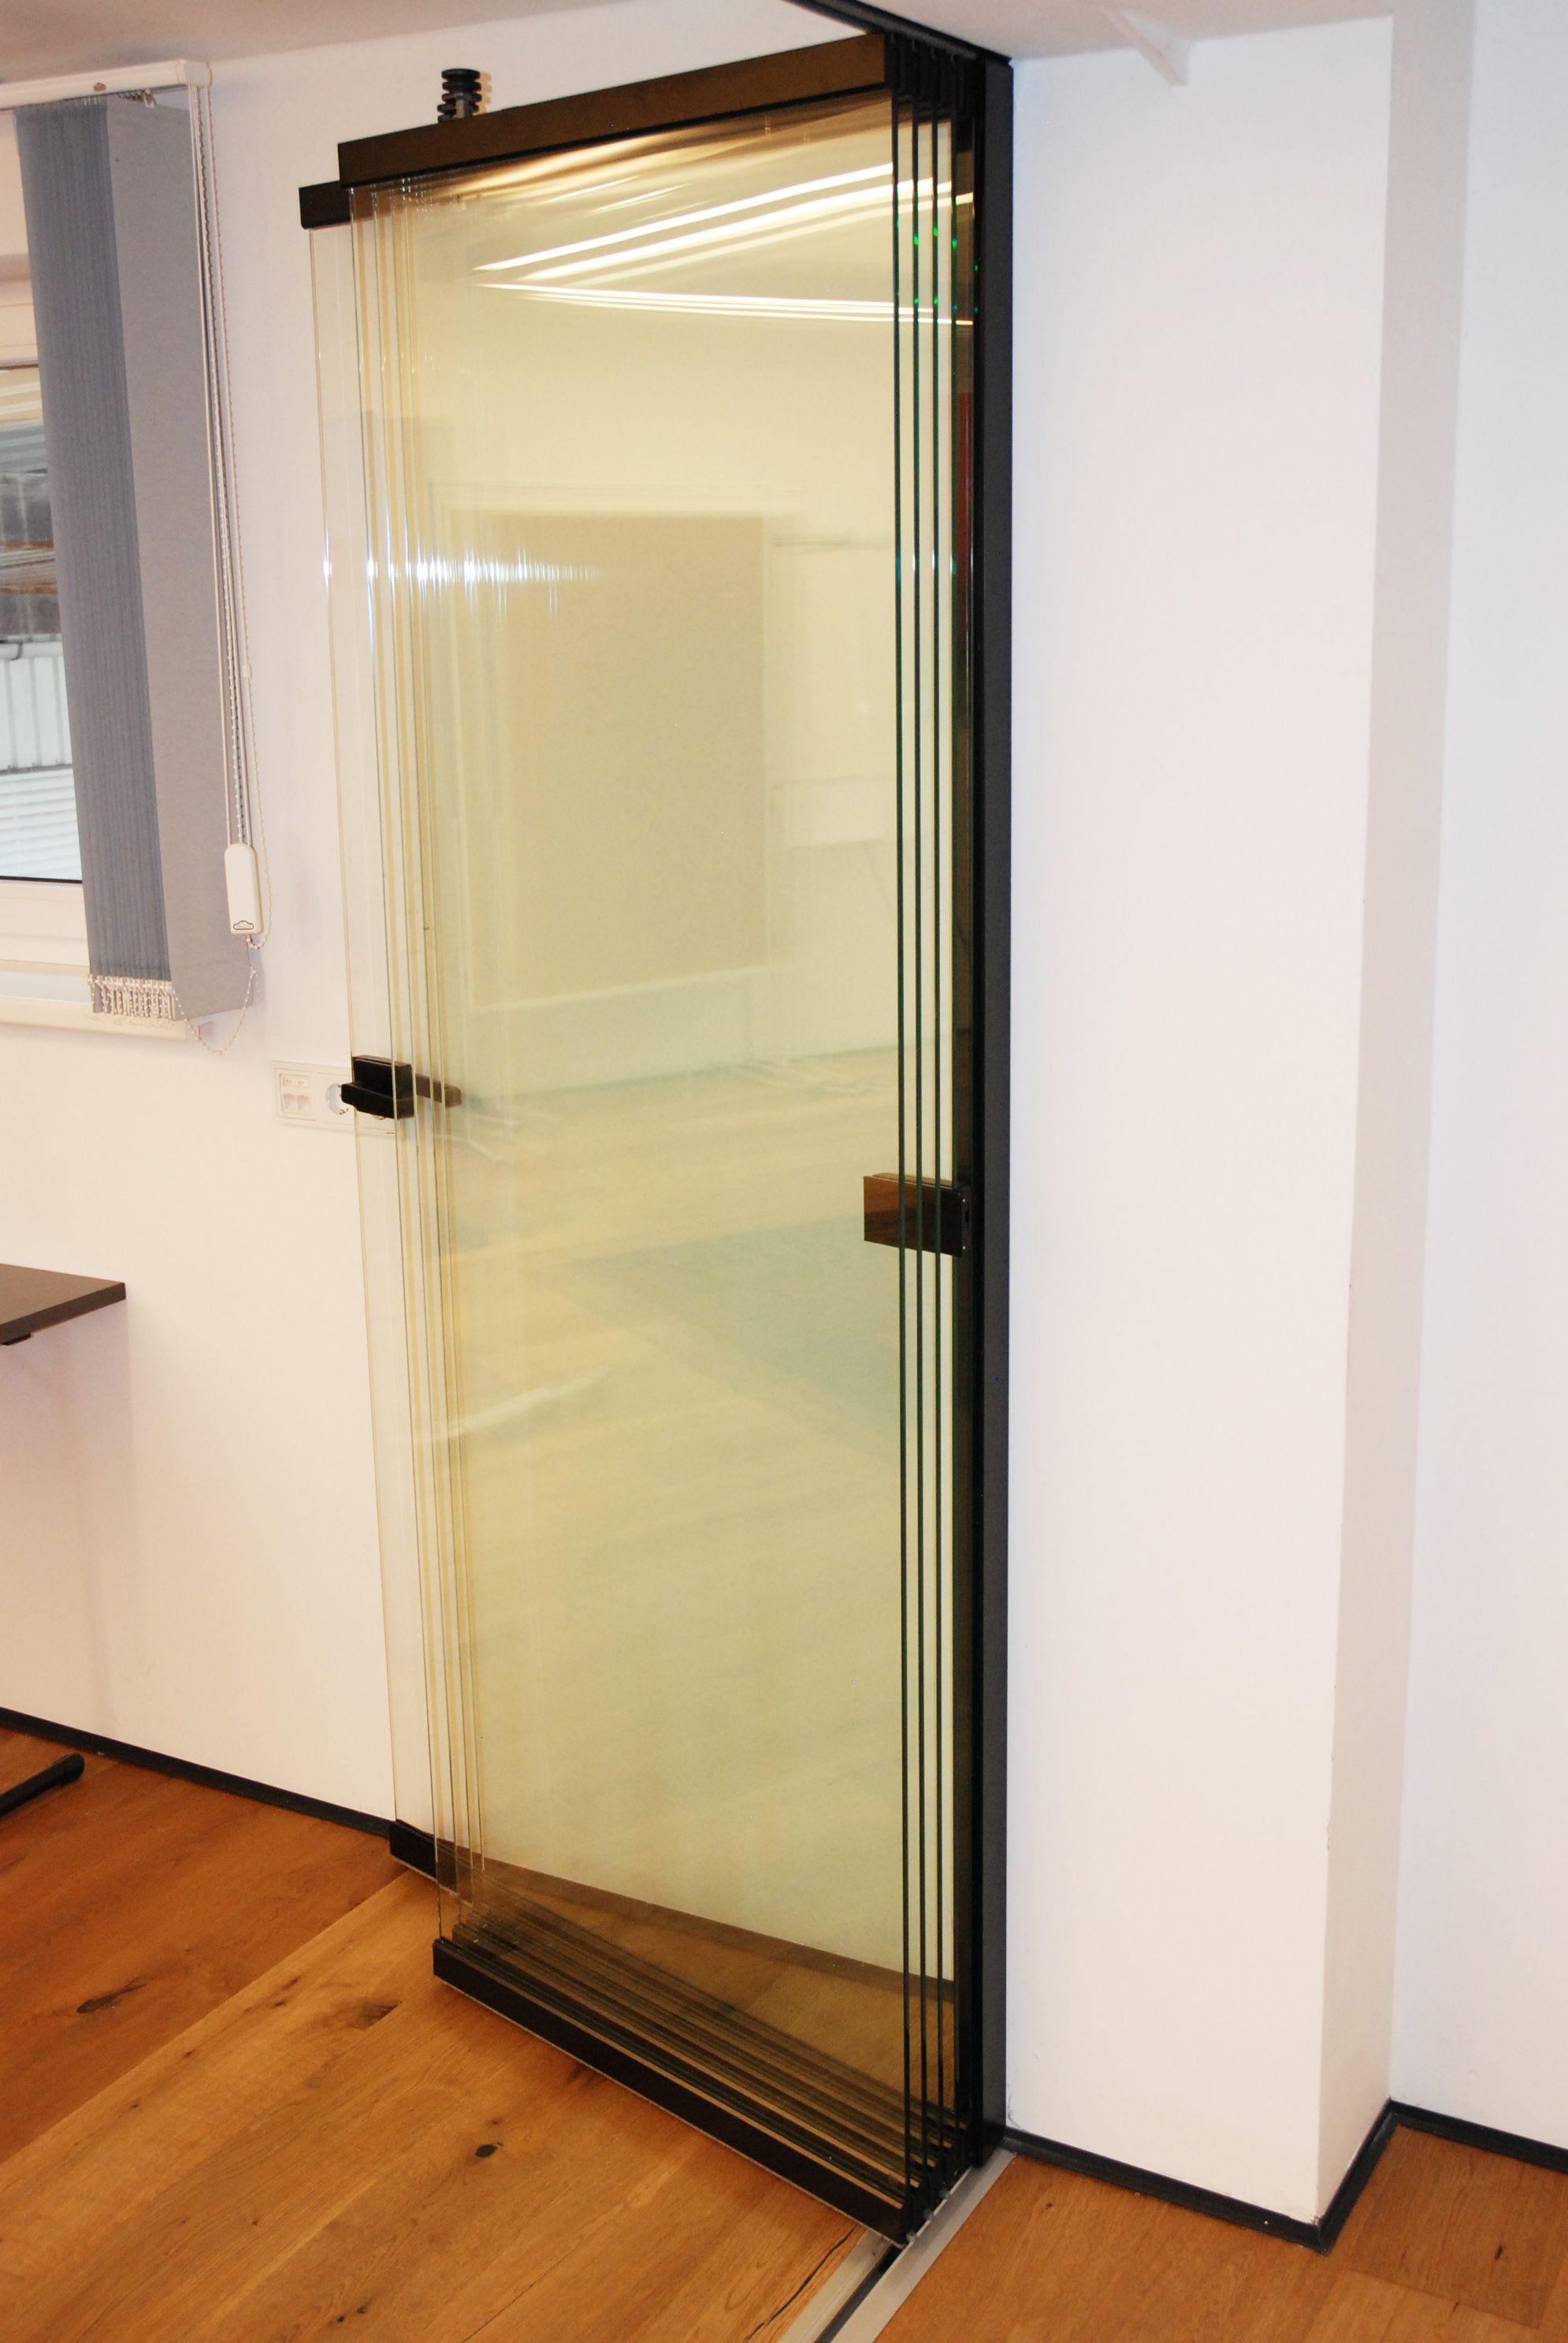 Schiebe Falt Wand Fur Innen Flexible Innenglaswande Zum Auffalten Schiebetur Glas Glastrennwand Faltwand